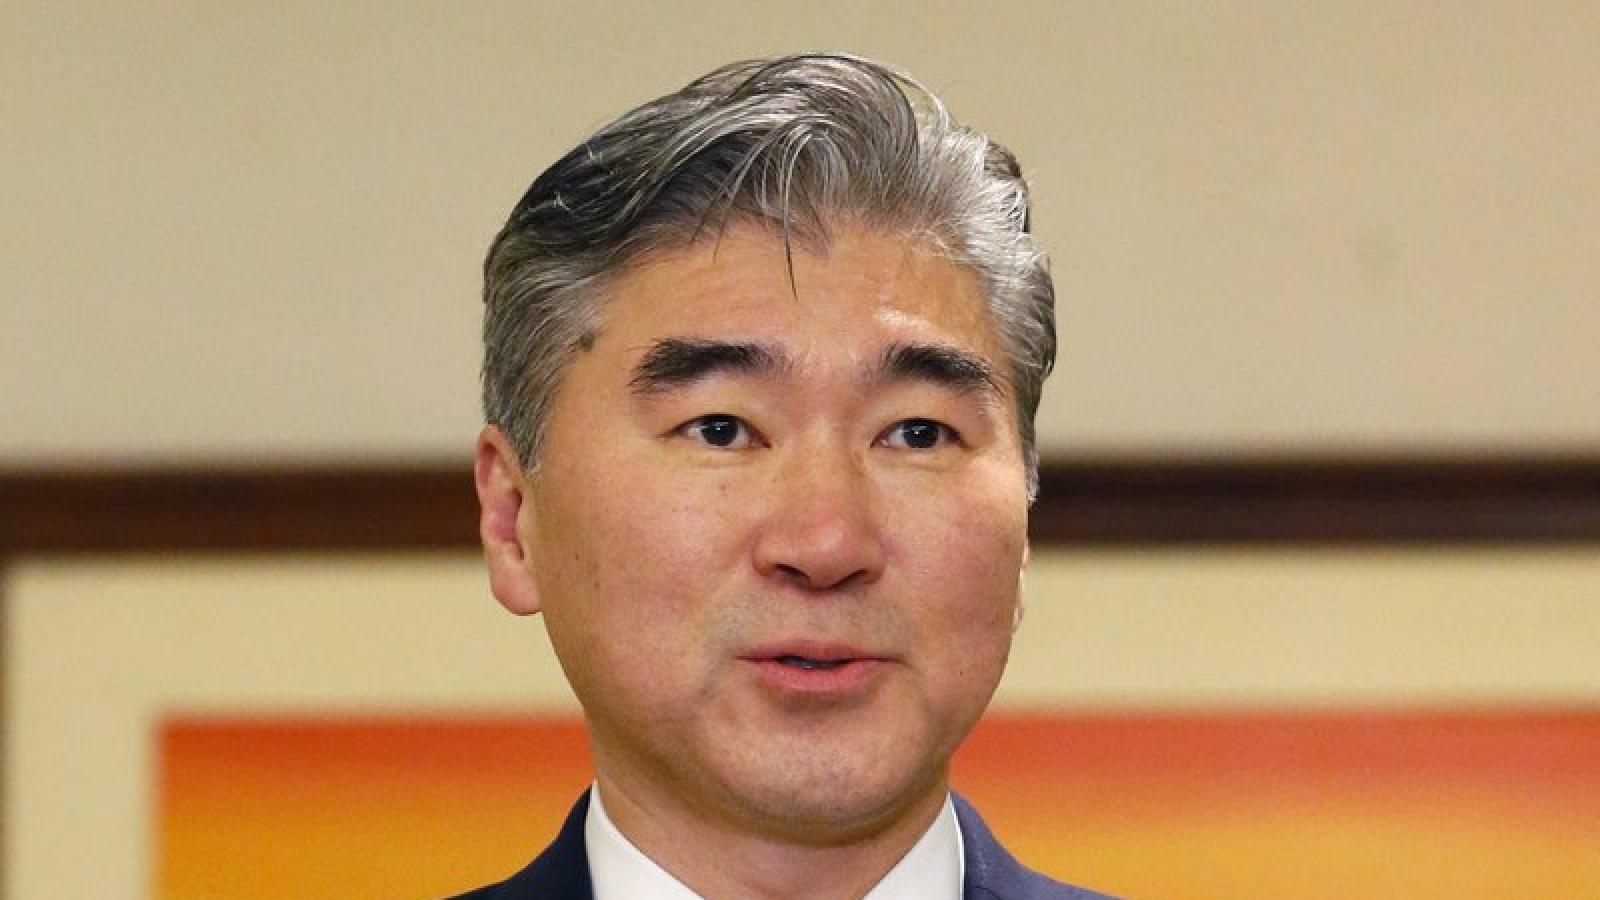 """Mỹ hi vọng nhận được """"phản hồi tích cực"""" của Triều Tiên về đối thoại"""